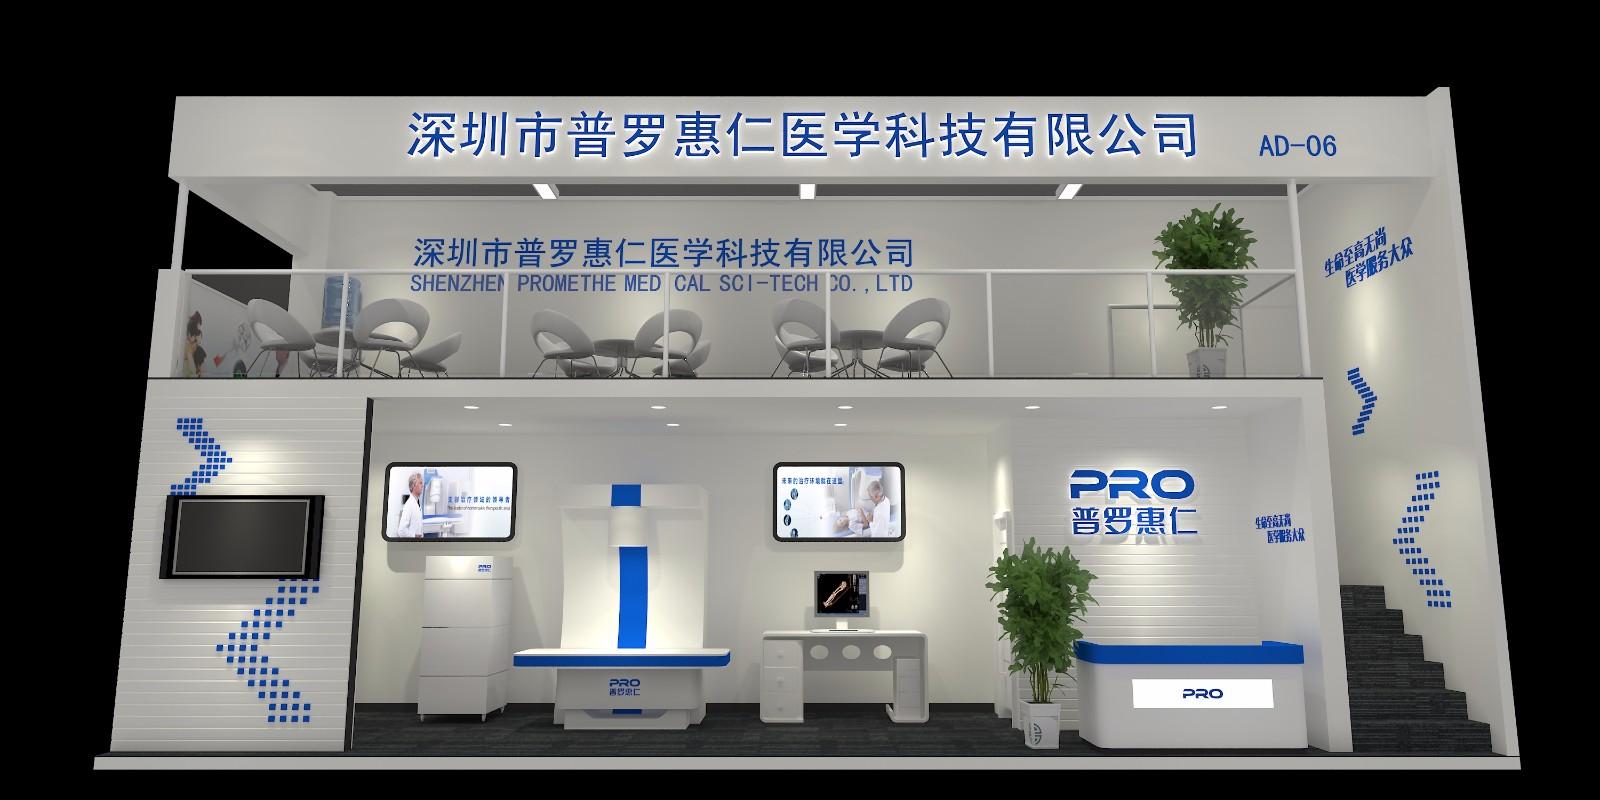 普羅惠仁醫學科技|展覽特裝-廈門市嘉維世紀會展服務有限公司